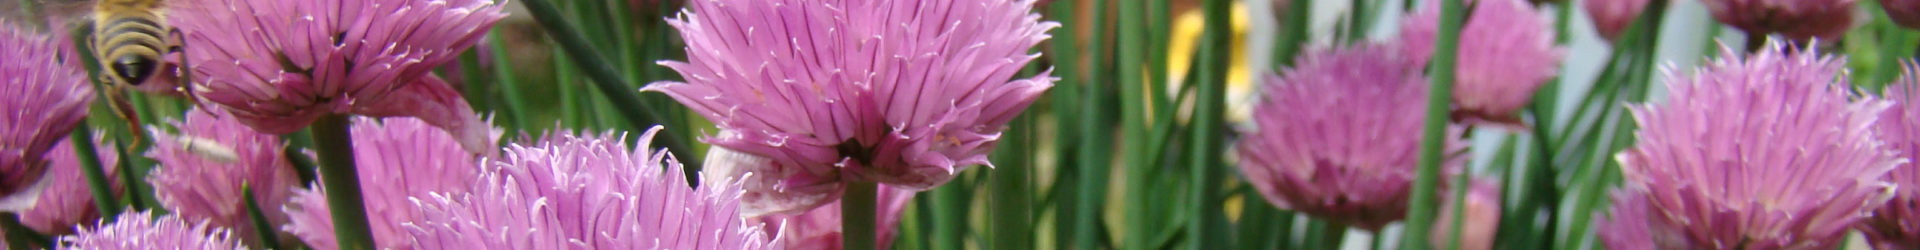 Growing outdoor herbs